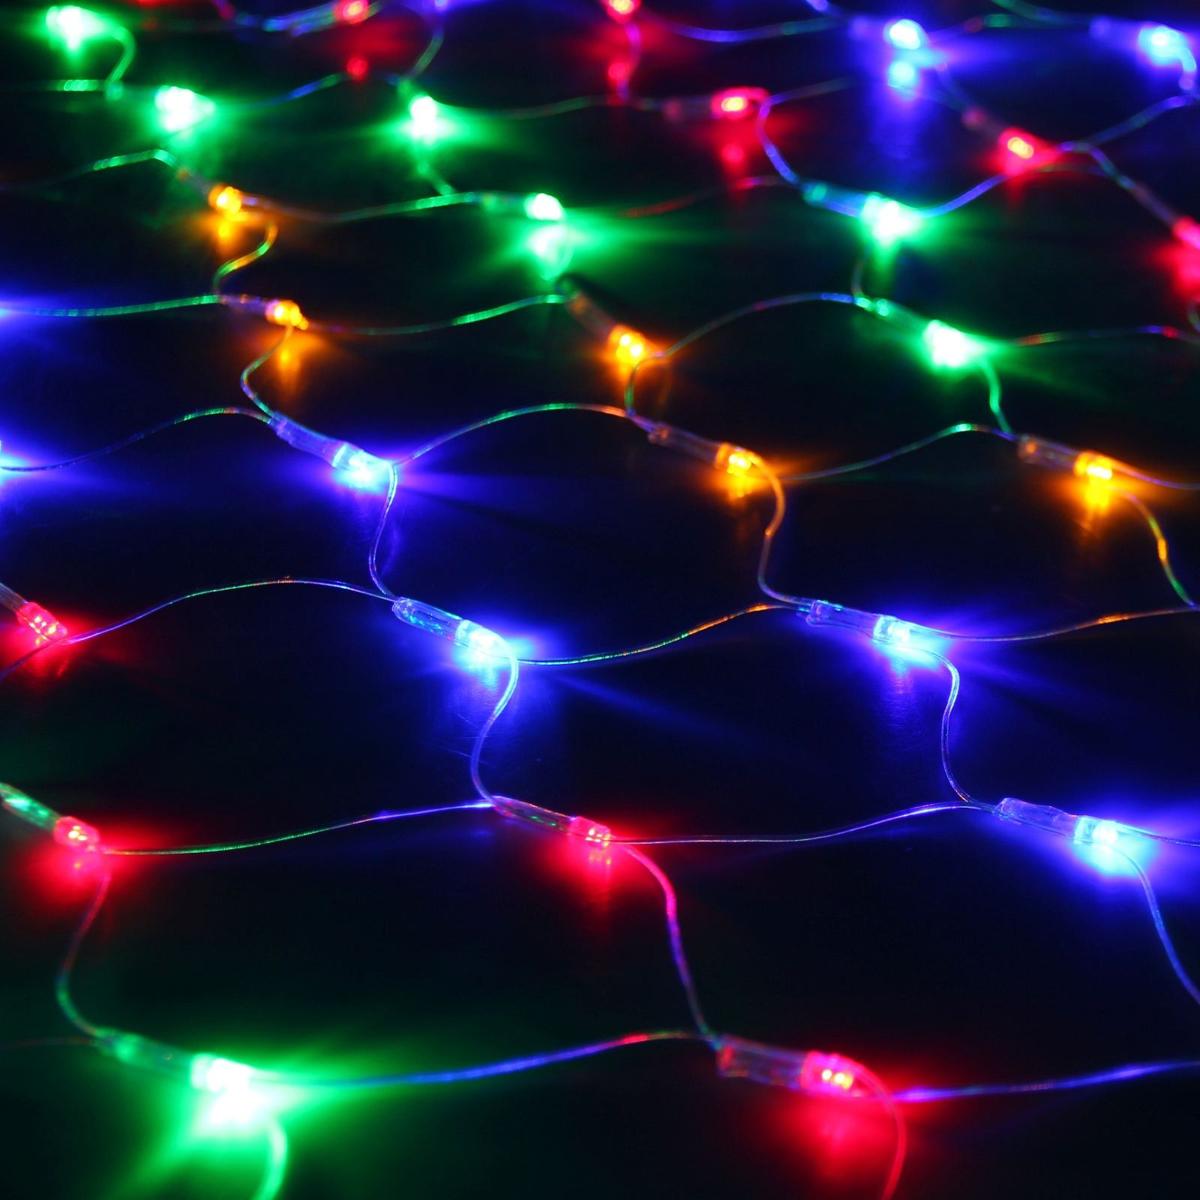 Гирлянда Luazon Сетка, длина 1,1 м, LED 144 ламп, 220V, цвет: мультиколор. 671624 гирлянда luazon дождь 2m 6m multicolor 671678